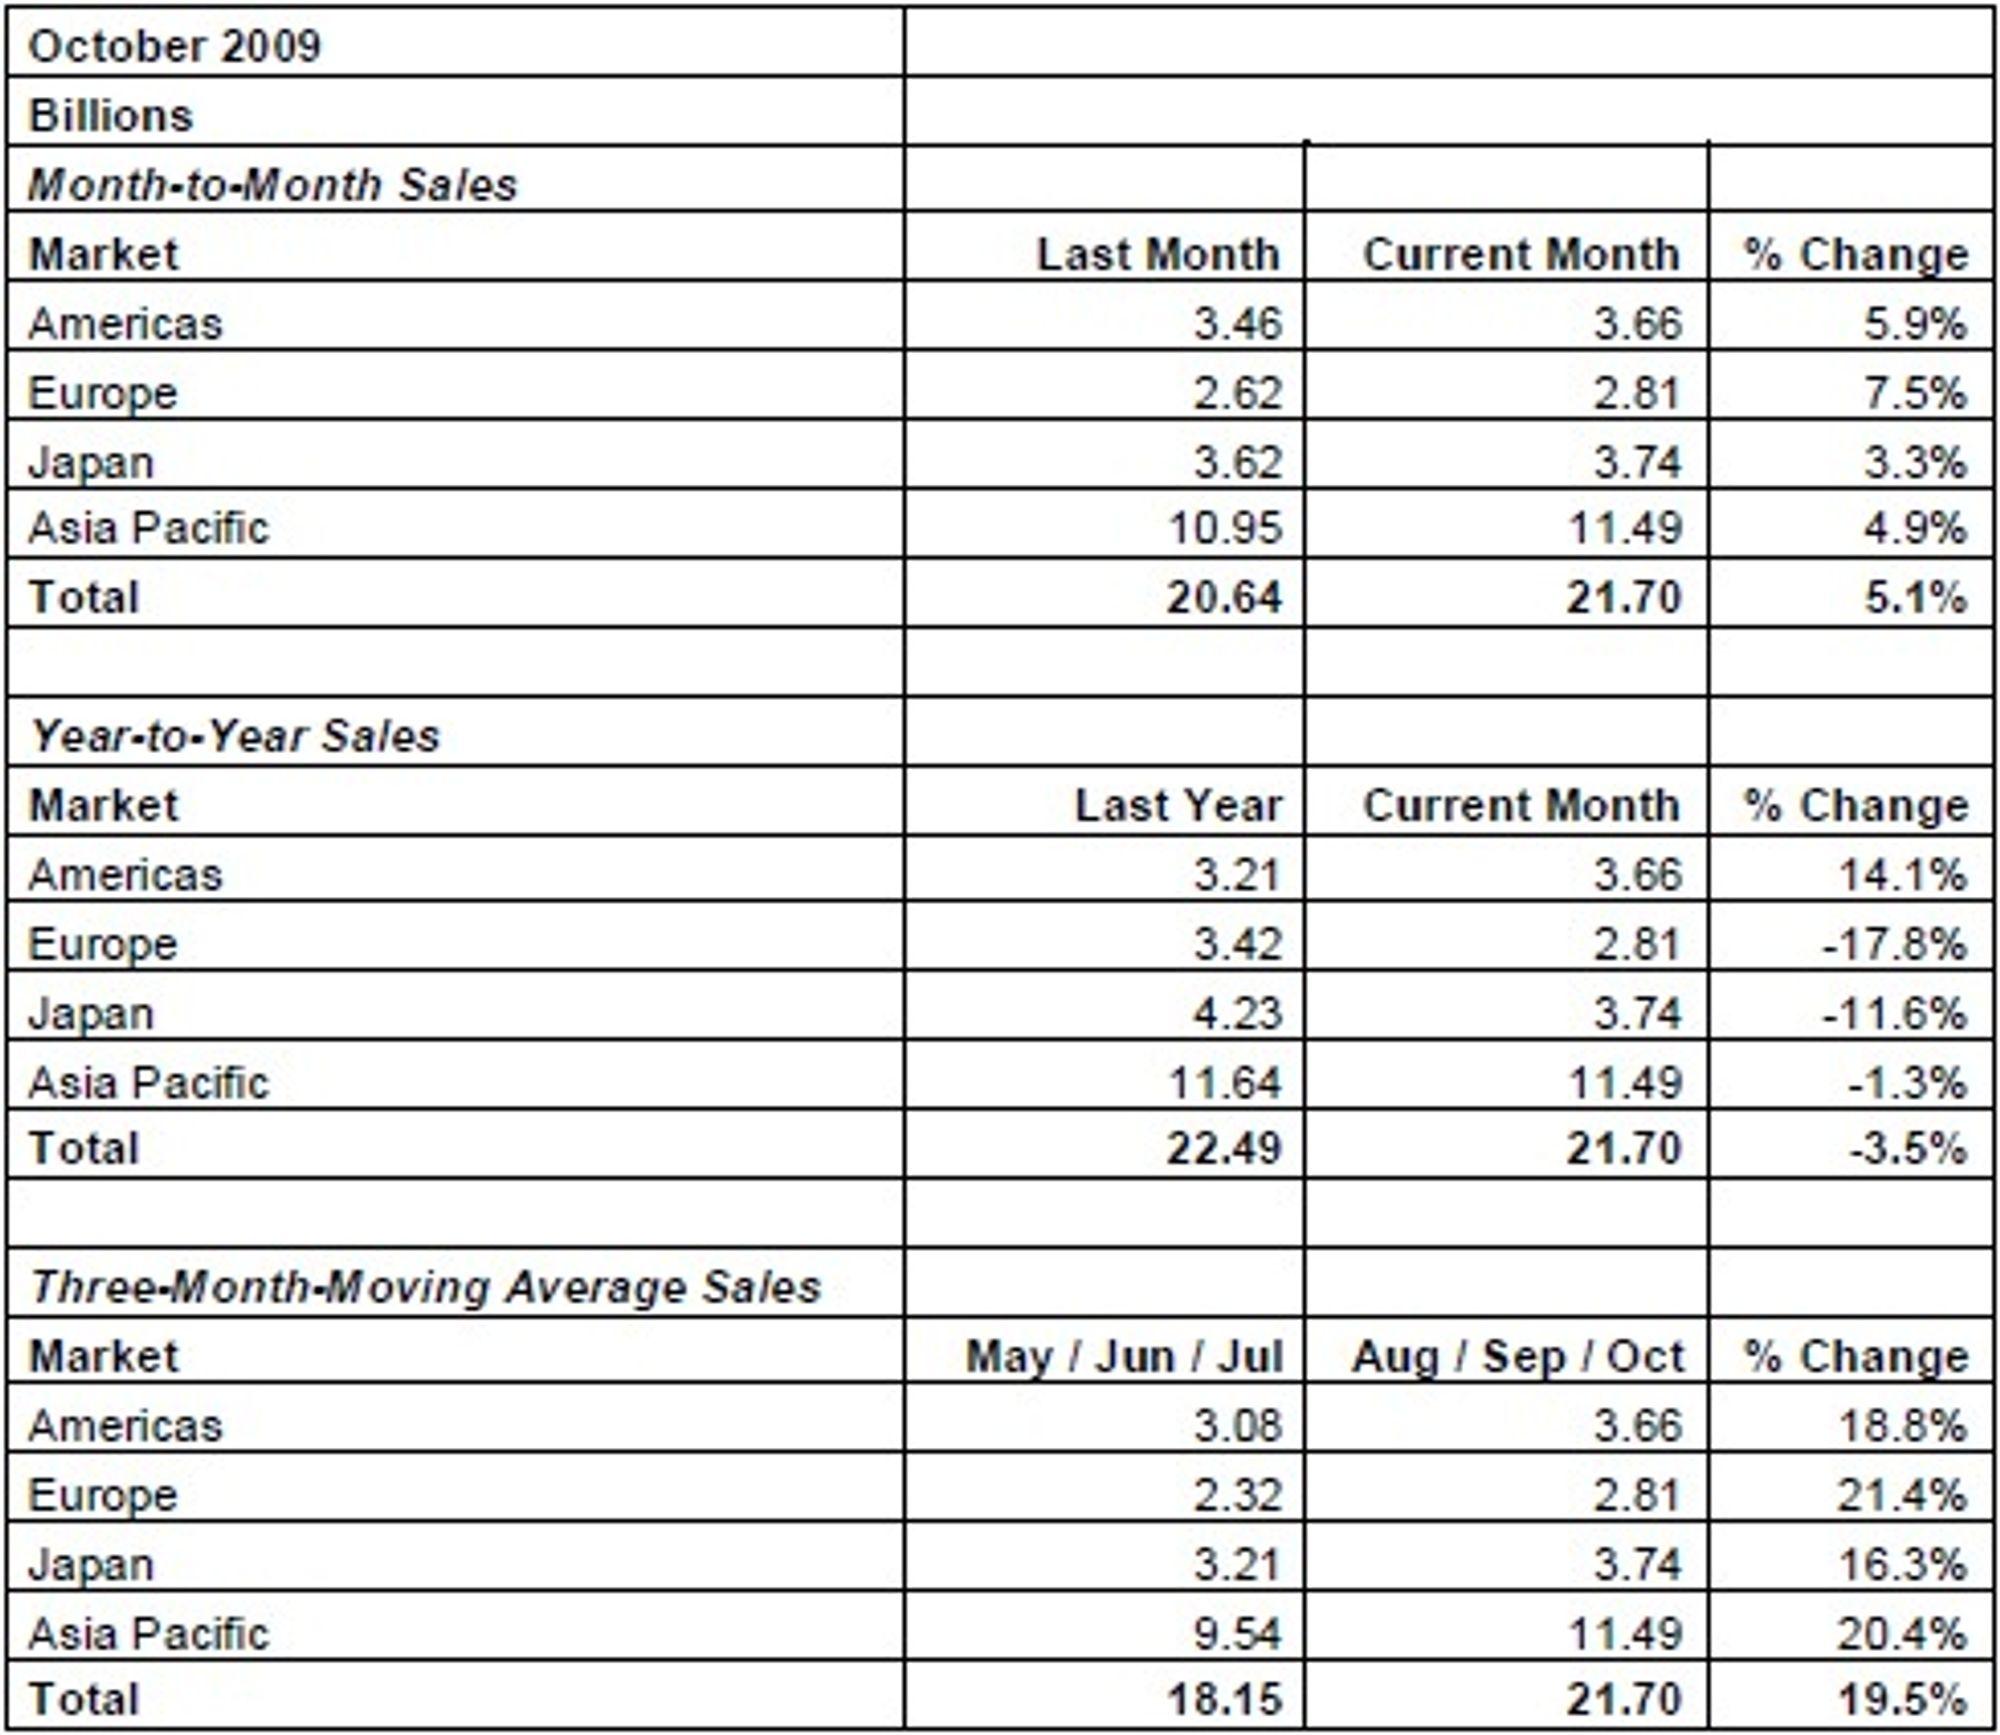 Bransjeforeningene SIA mener disse tallene er oppmundtrende.